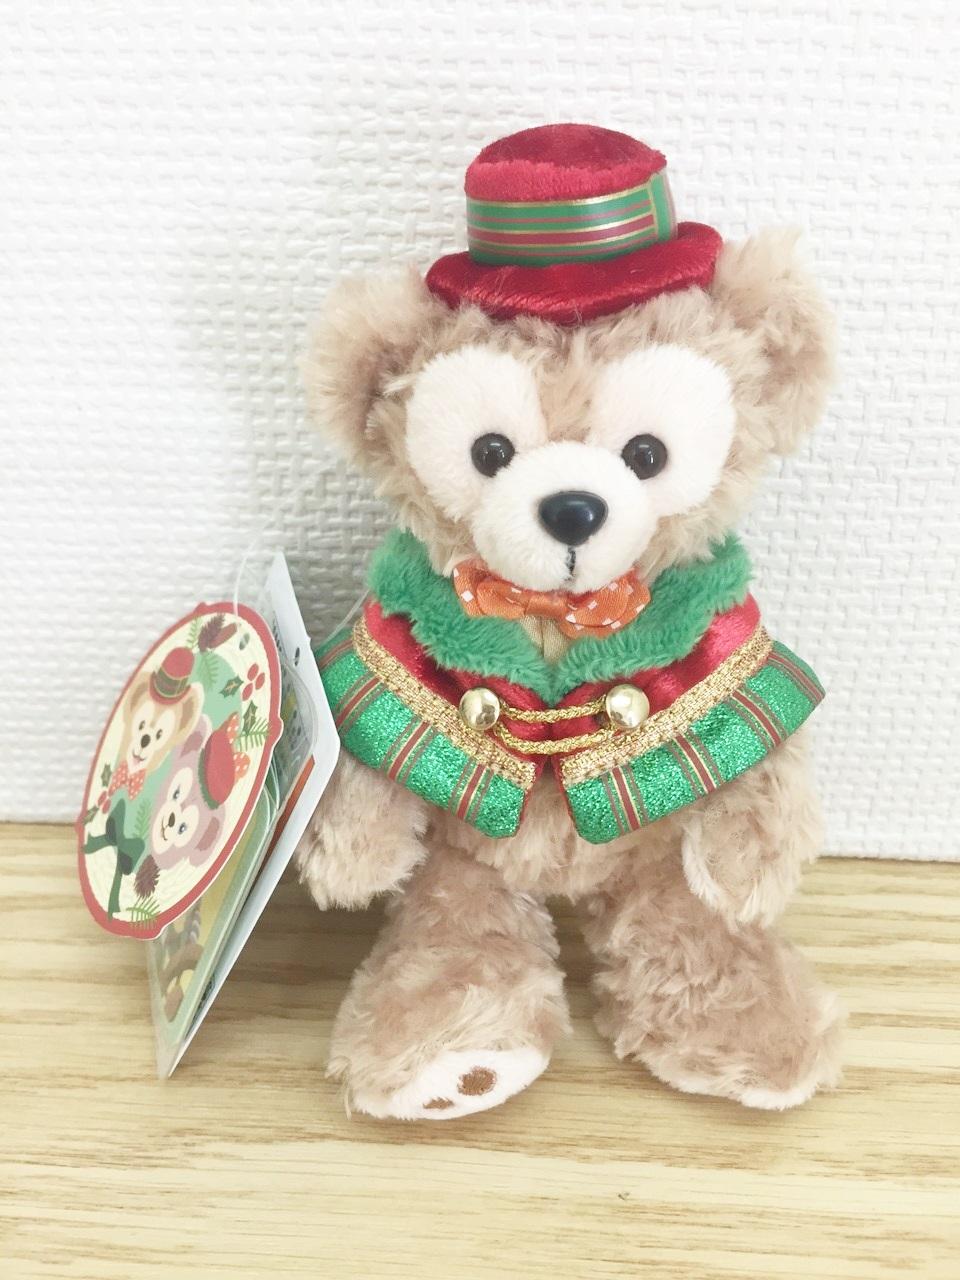 【真愛日本】15111800041 聖誕節限定特別版達菲站姿別針吊飾 Duffy&ShellieMay 吊飾 鎖圈